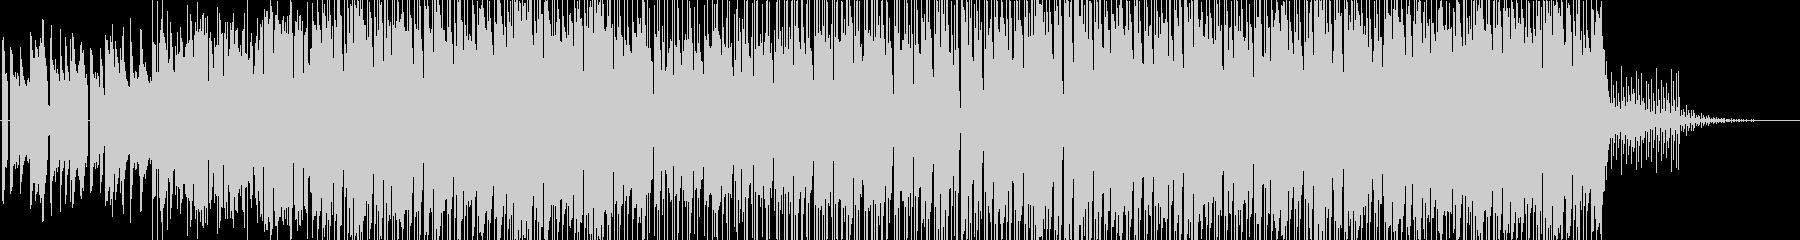 カラフルで弾けるような明るいポップスの未再生の波形